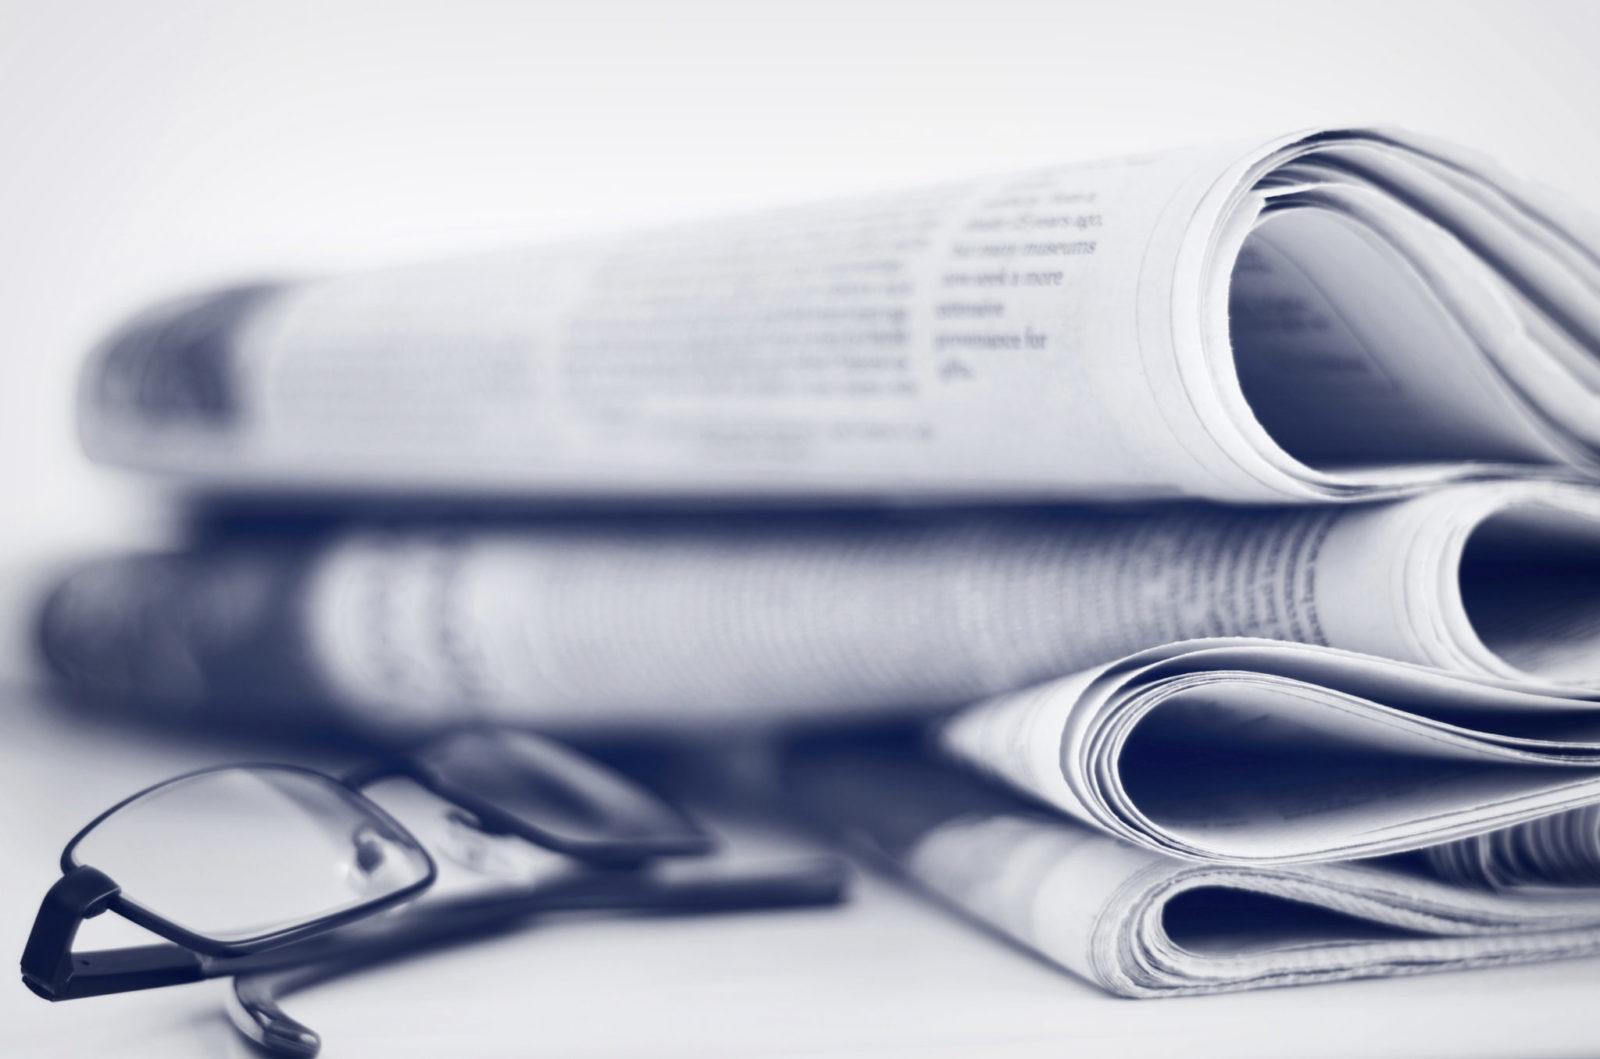 В Ростовской области печатные СМИ относятся к товарам первой необходимости.